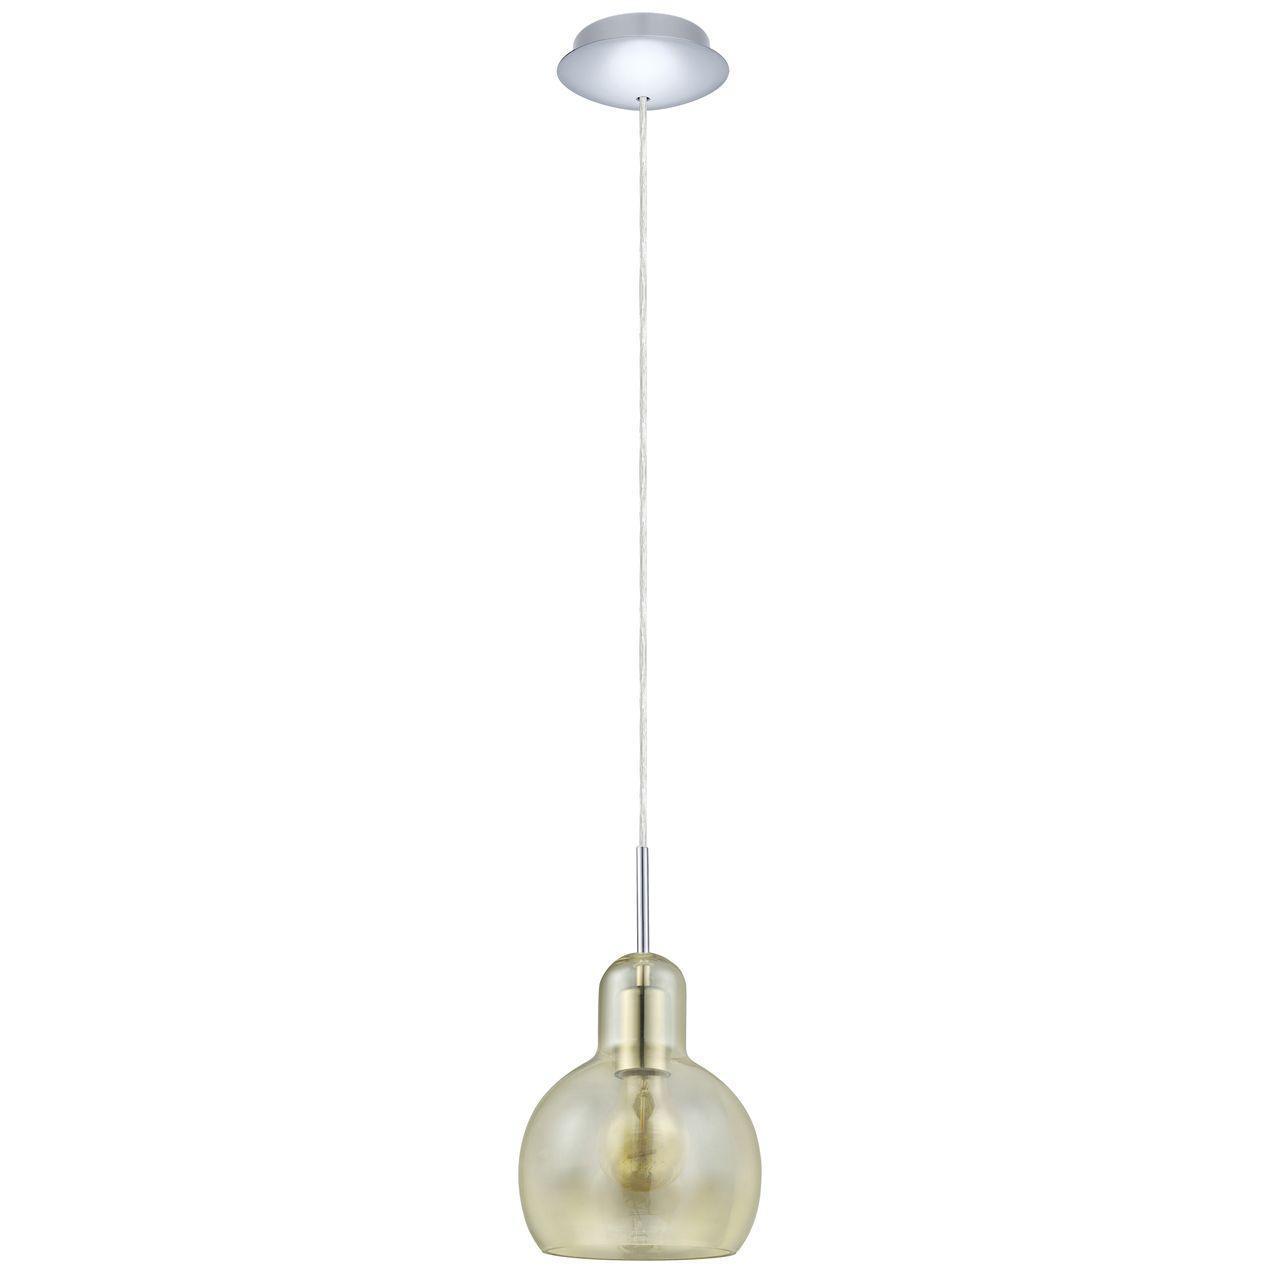 Подвесной светильник Eglo Vintage 49267 eglo подвесной светильник eglo vintage 49258